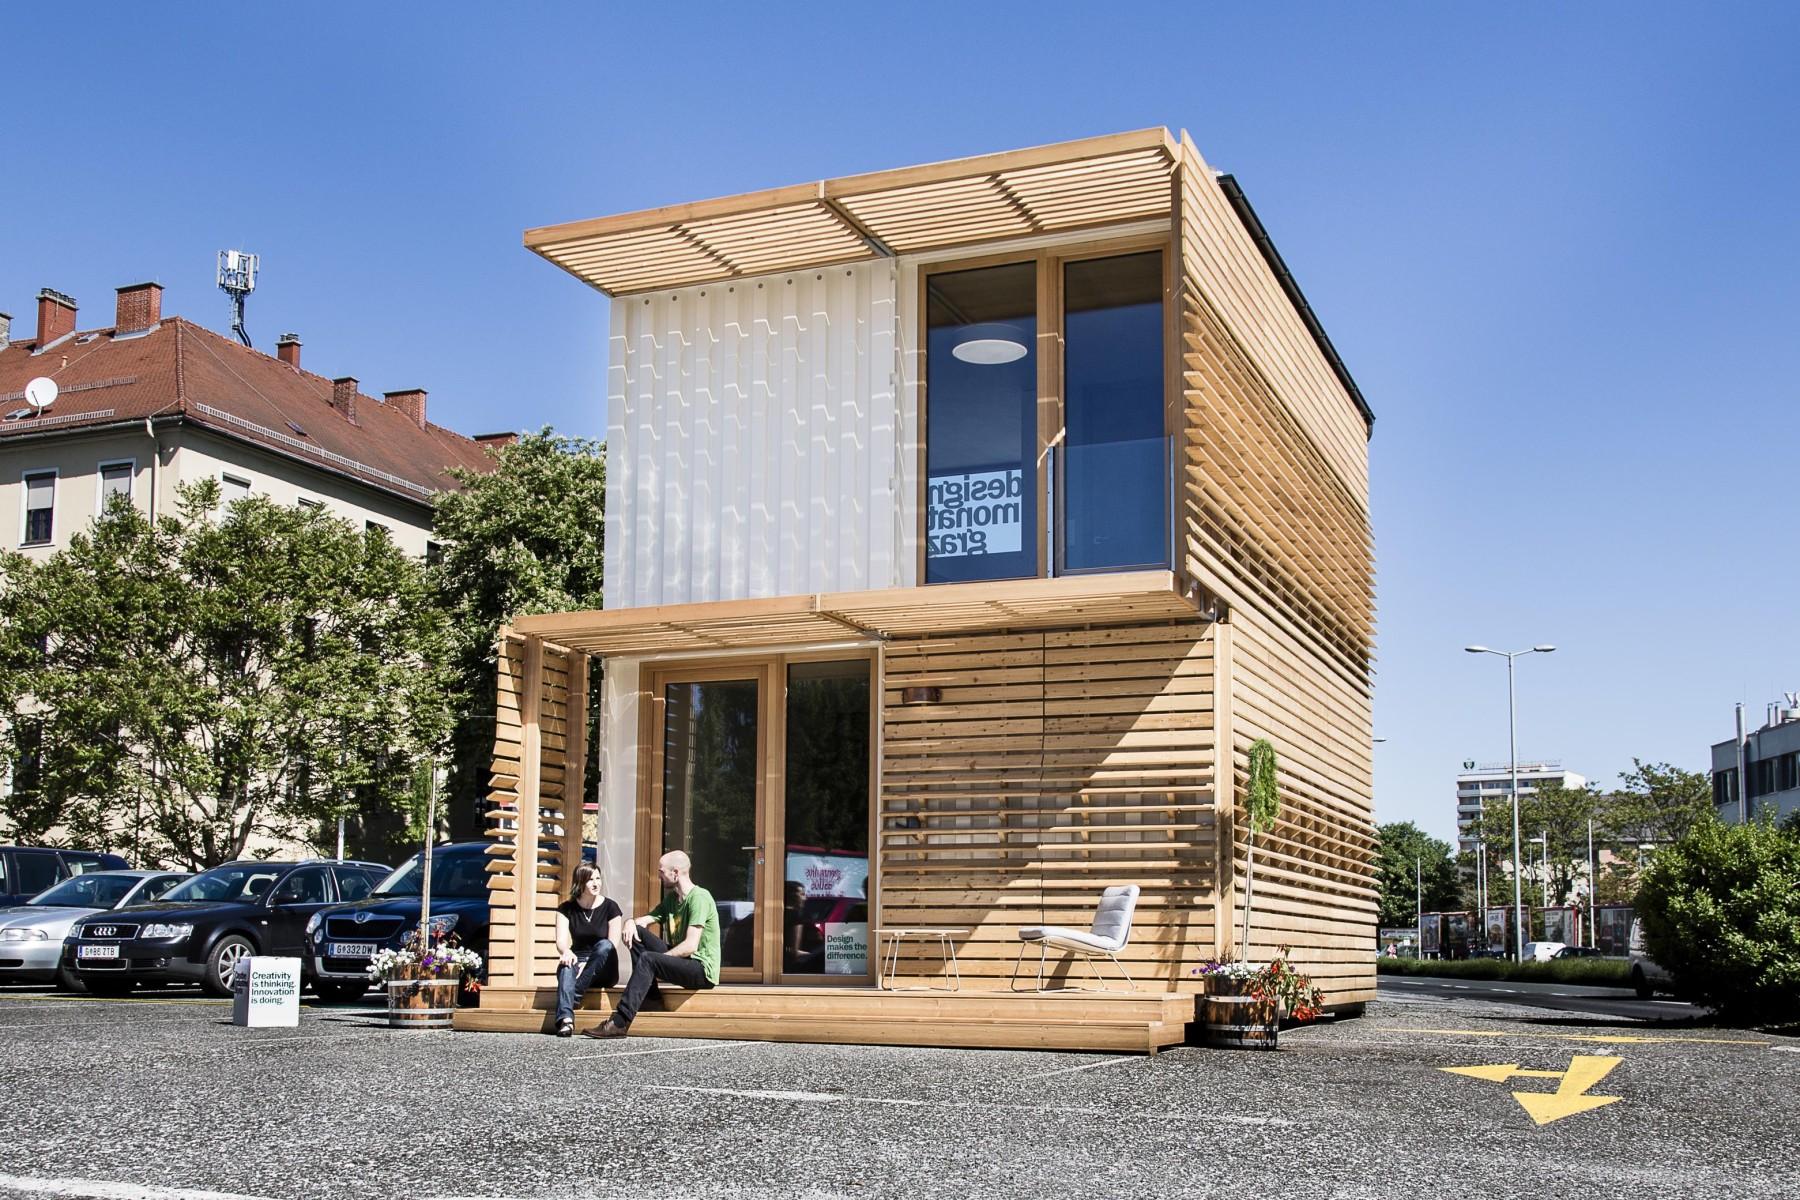 Bezaubernd Commod Haus Dekoration Von Cm_outside_fototamara-frisch-1800x1200.jpg